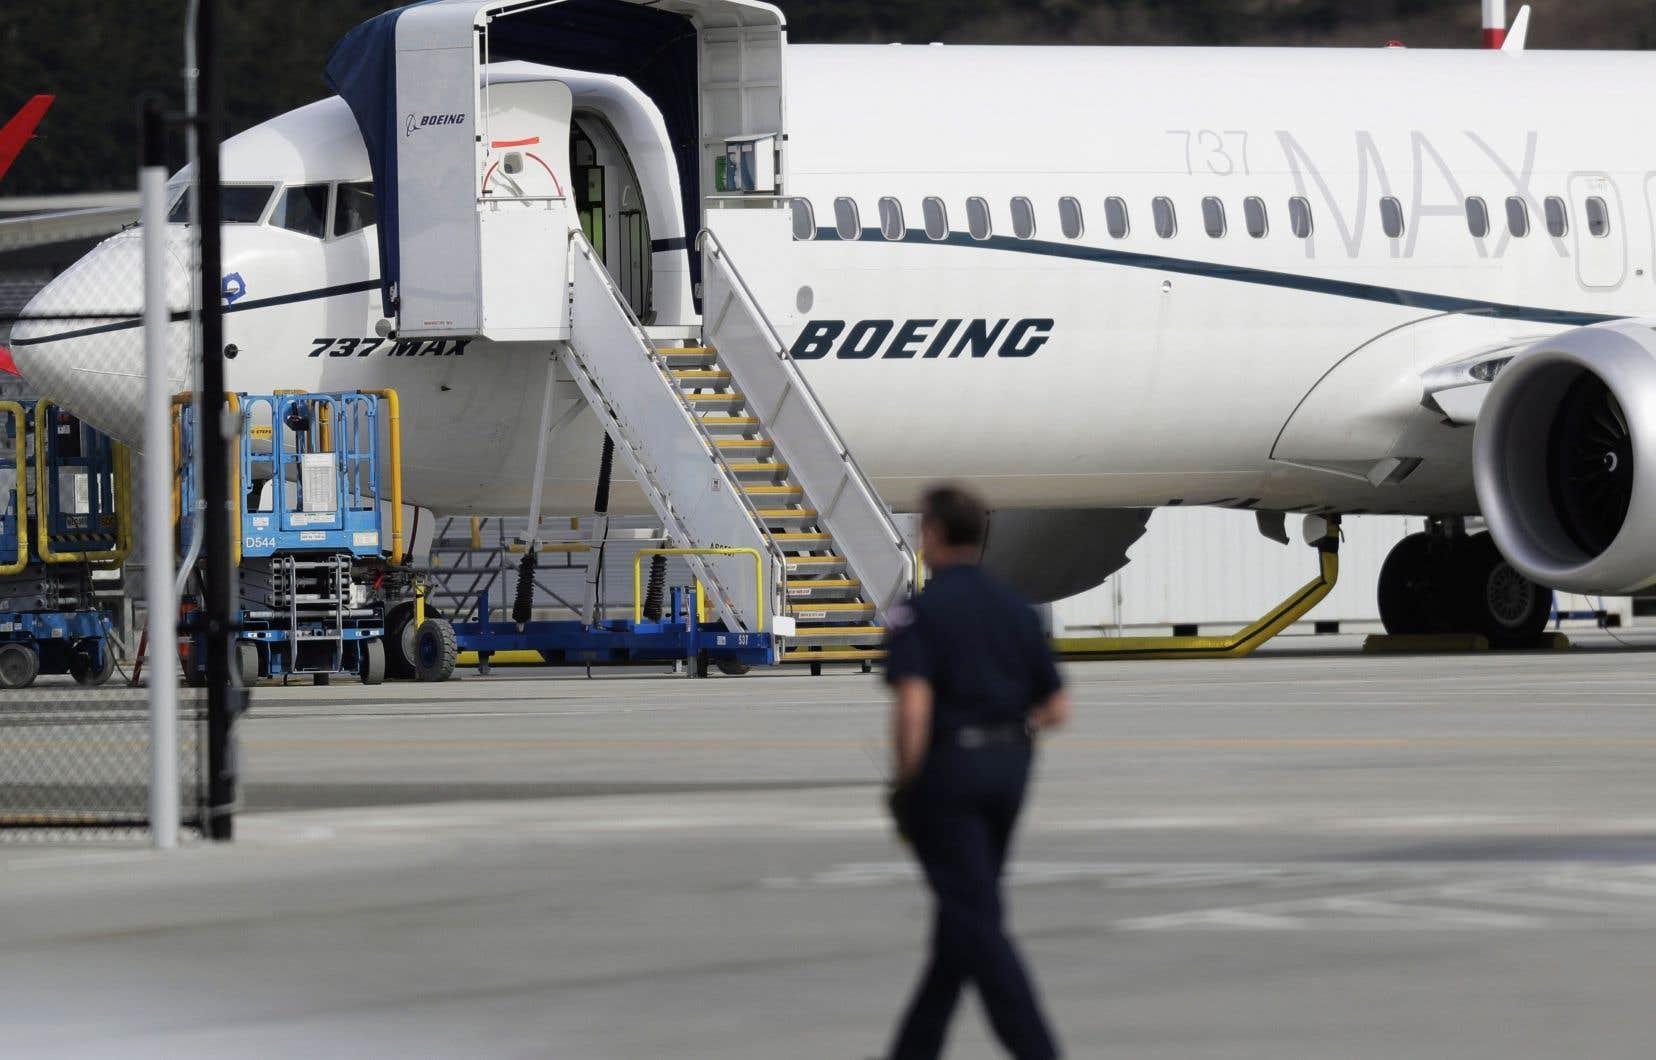 L'agence fédérale de l'aviation (FAA) américaine a accusé Boeing vendredi de lui avoir caché ces documents importants liés à la certification de son avion 737 MAX.